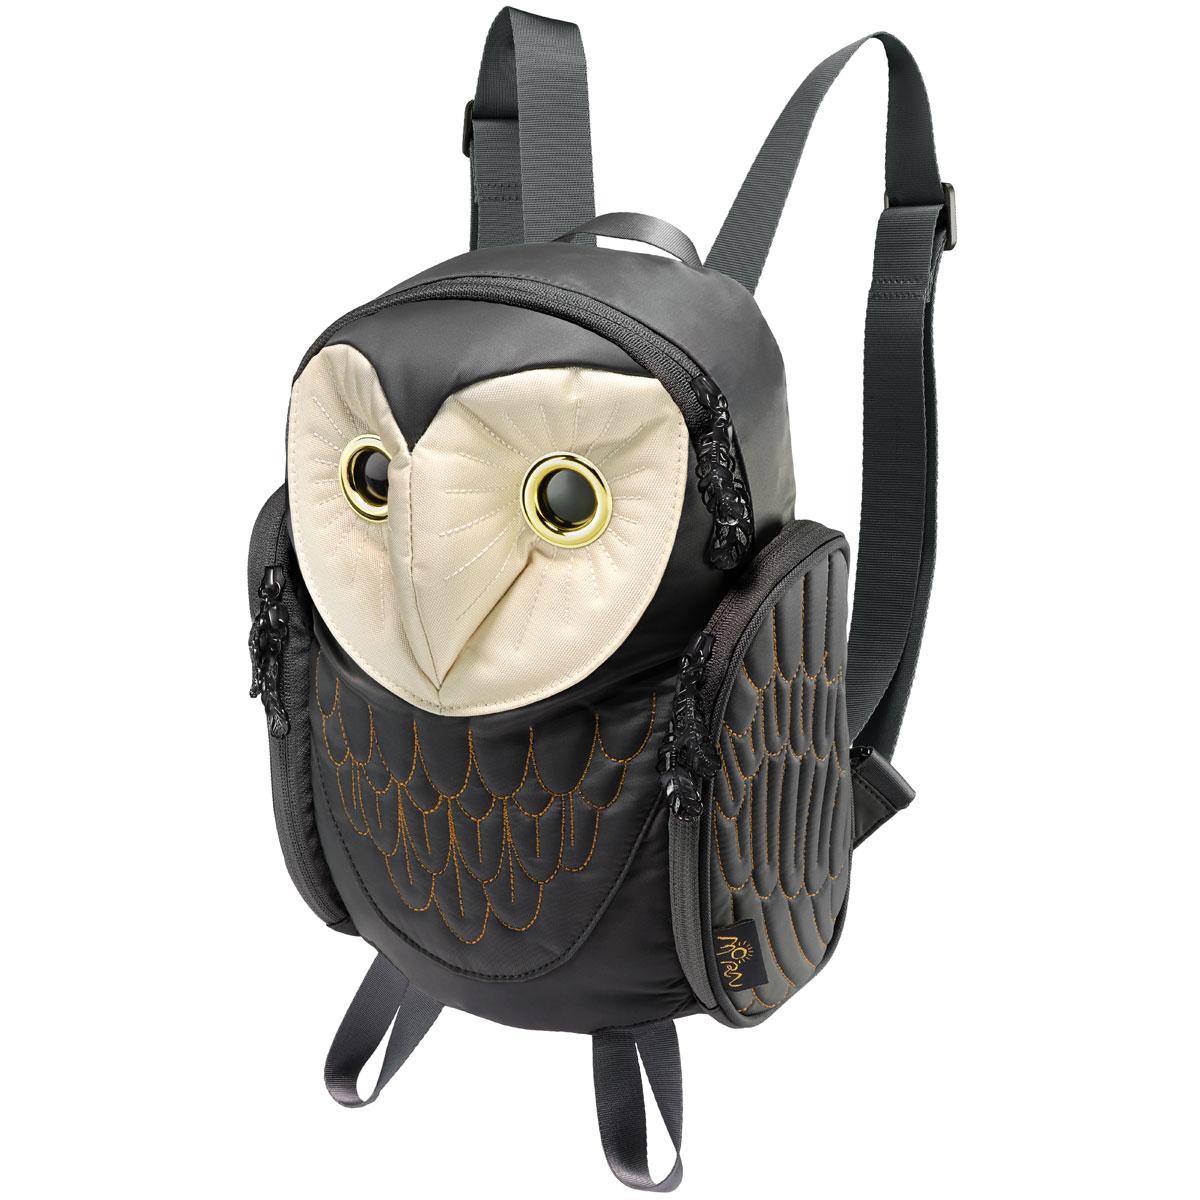 リュック MORN CREATIONS メンフクロウ バックパック レディース 動物バッグ 女性用 小さめ レディース リュックサック モーンクリエイションズ フクロウ ブラック